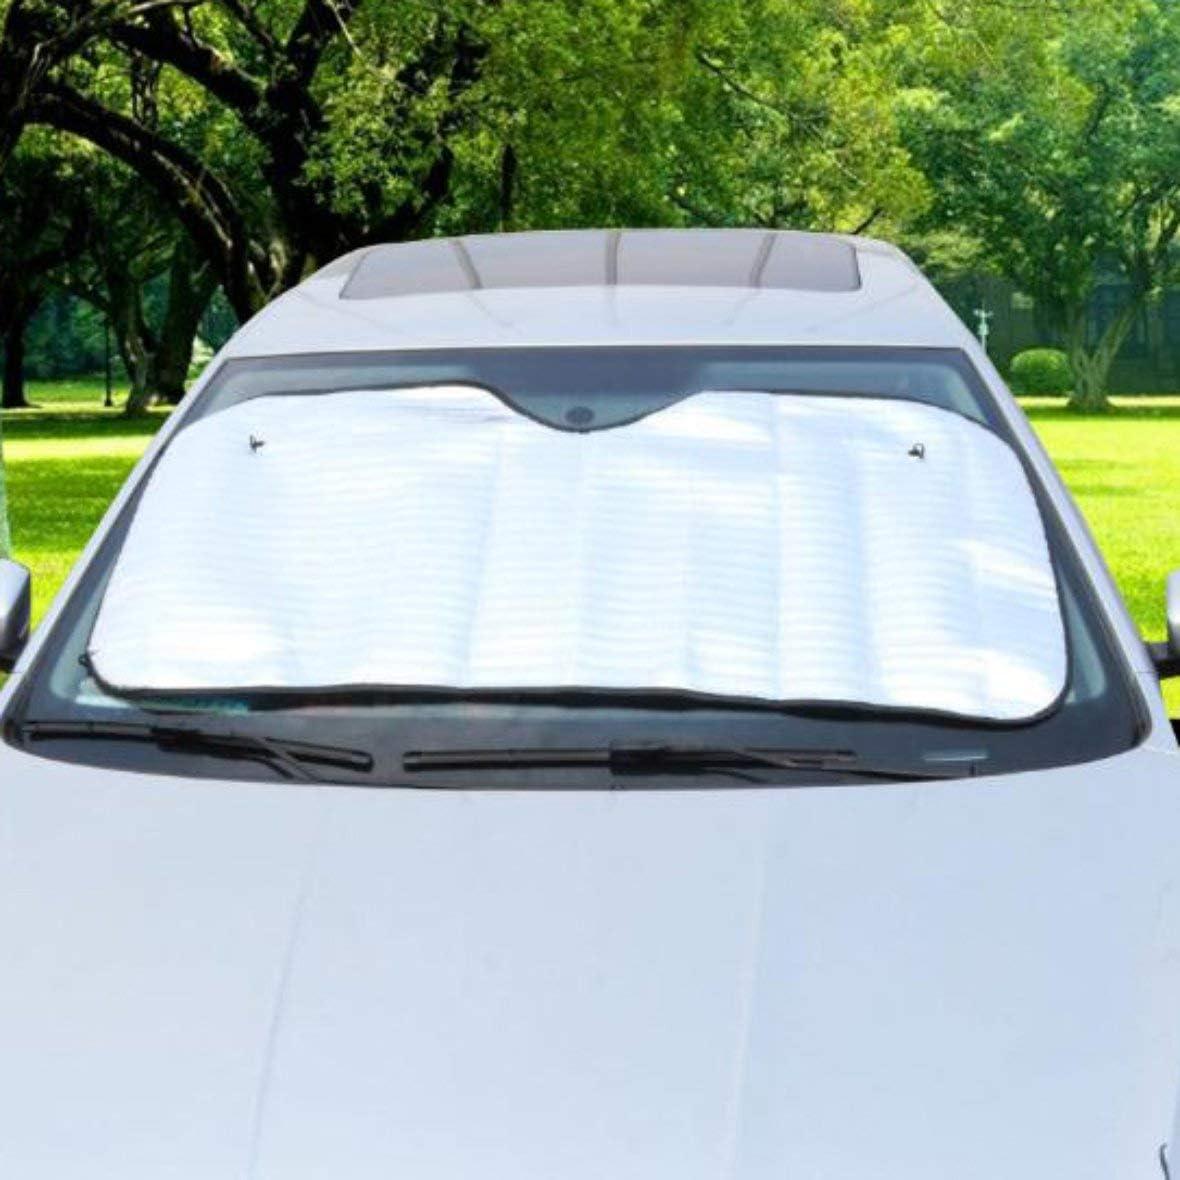 Pare-soleil unilat/éral de voiture Fen/être avant de voiture Pare-soleil disolation de papier daluminium #Pennytupu